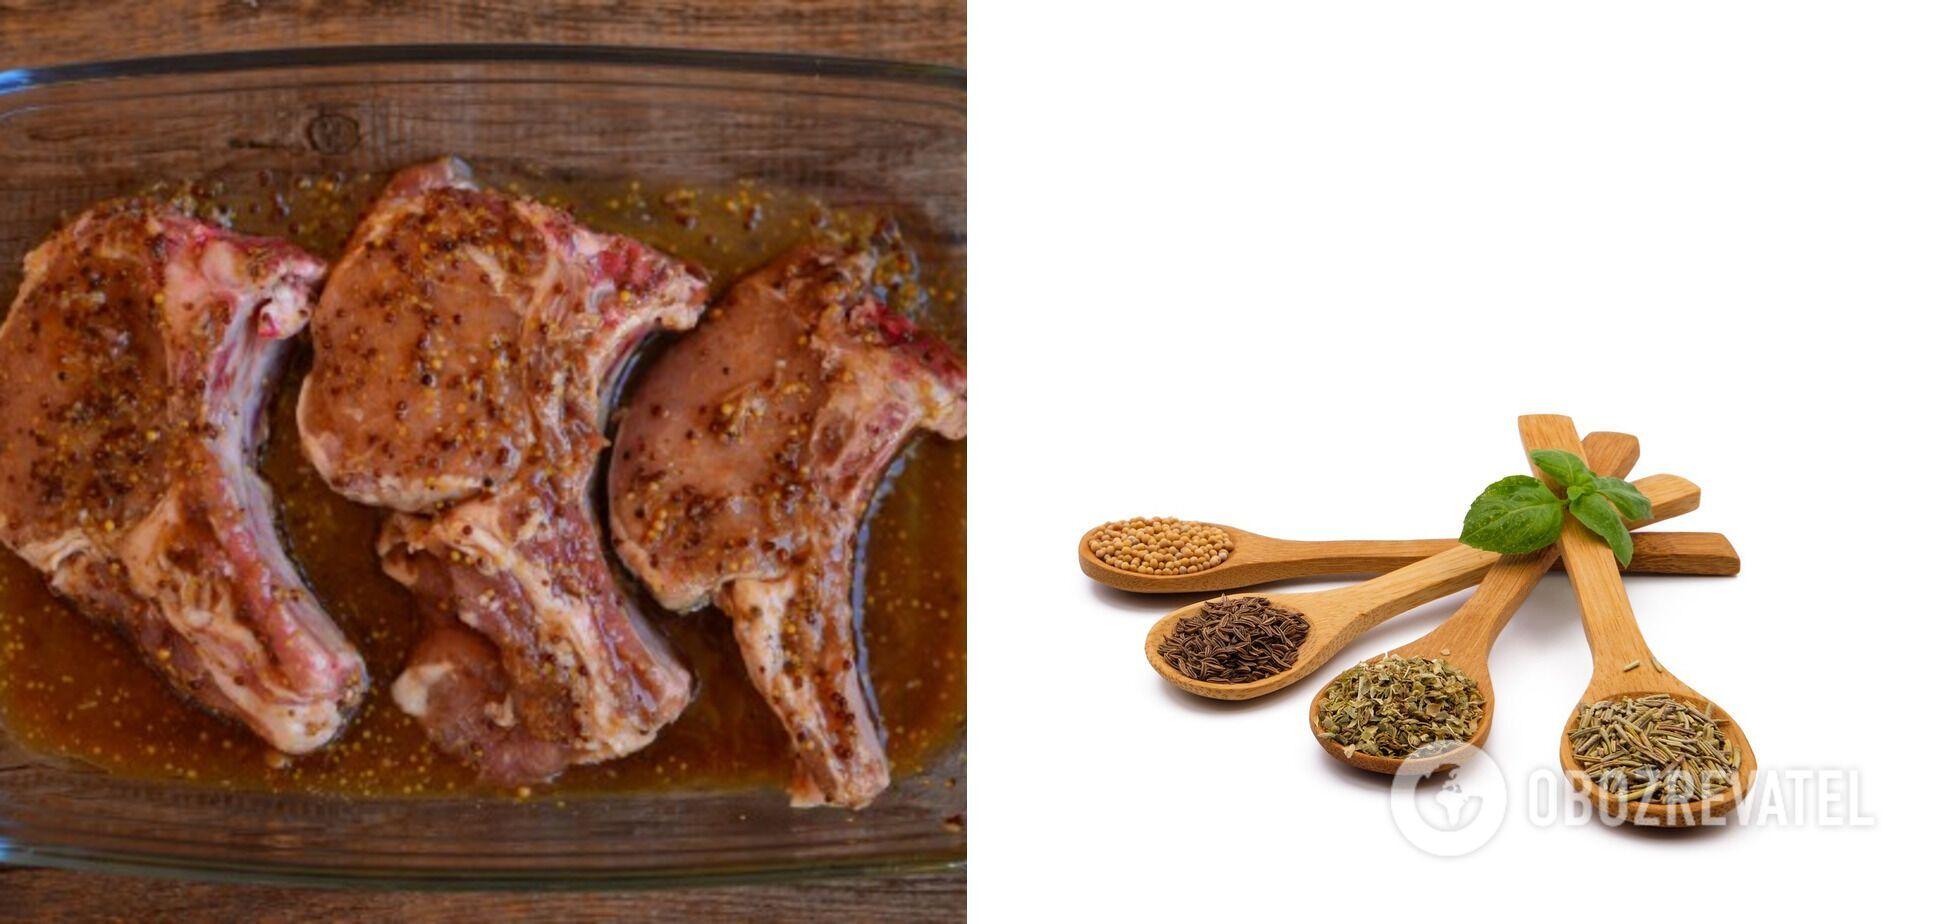 Що зіпсує смак м'яса